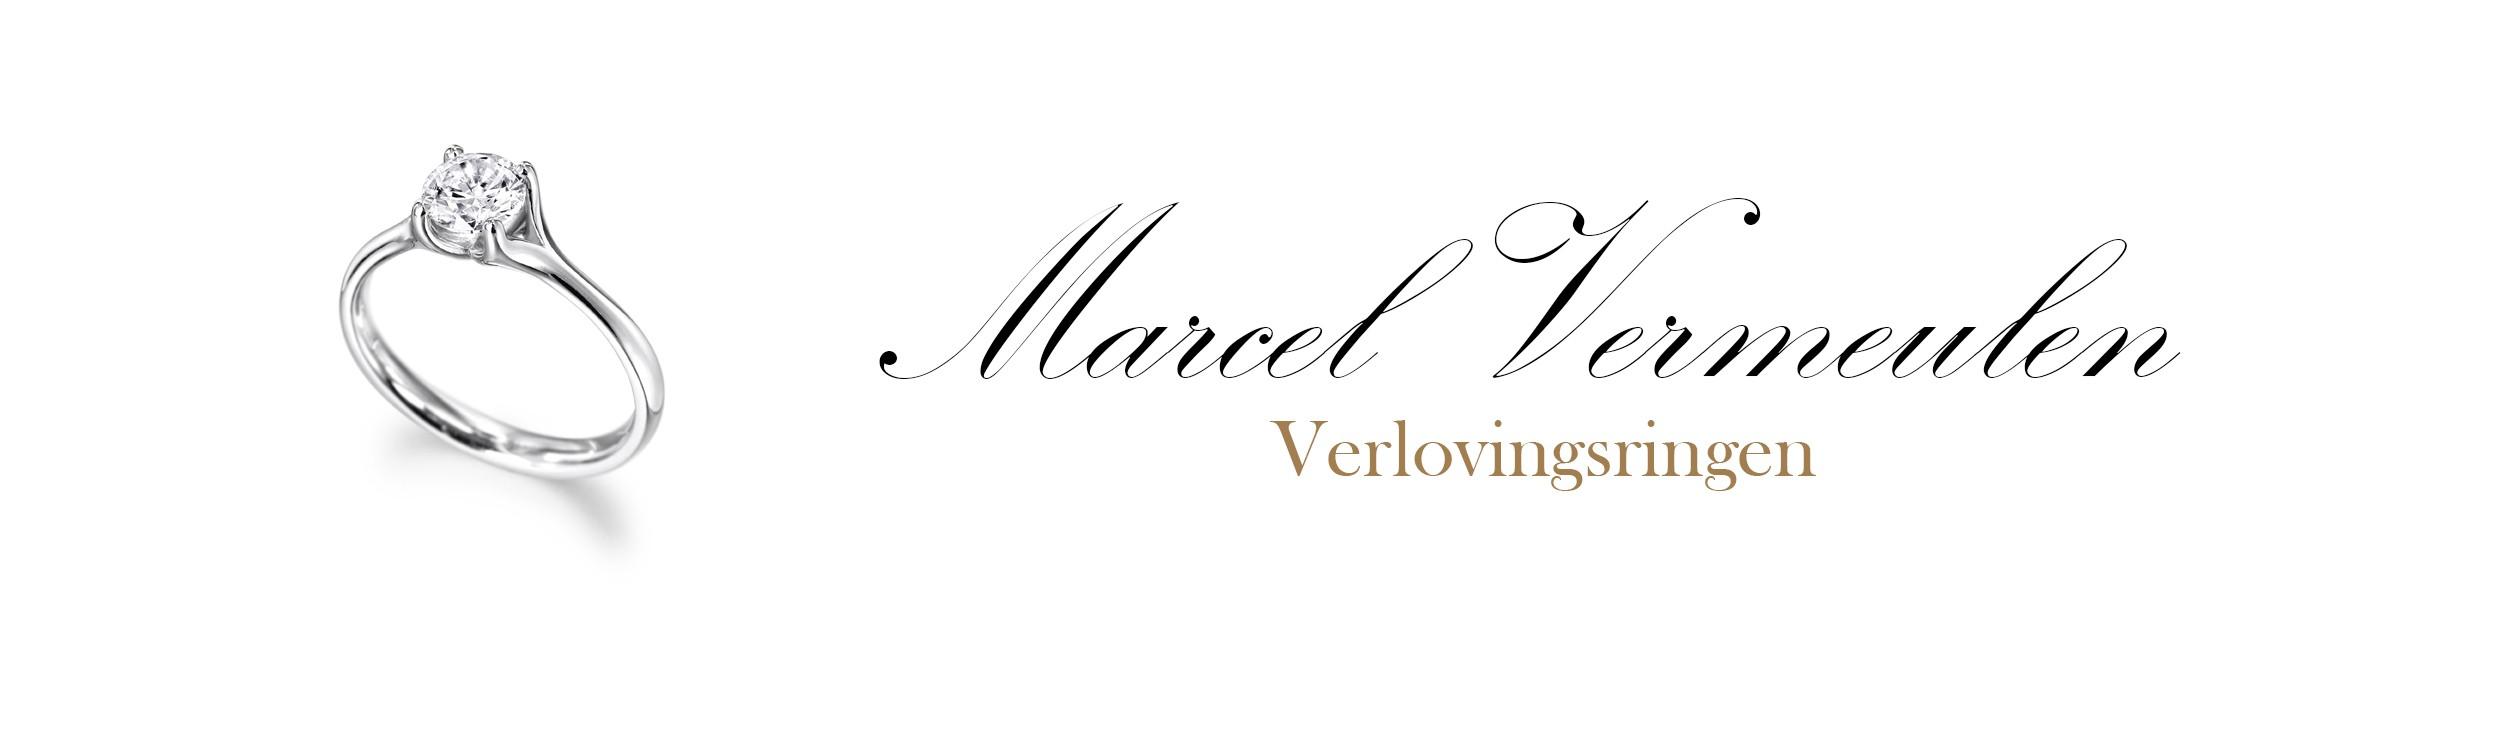 verlovingsring-banner2